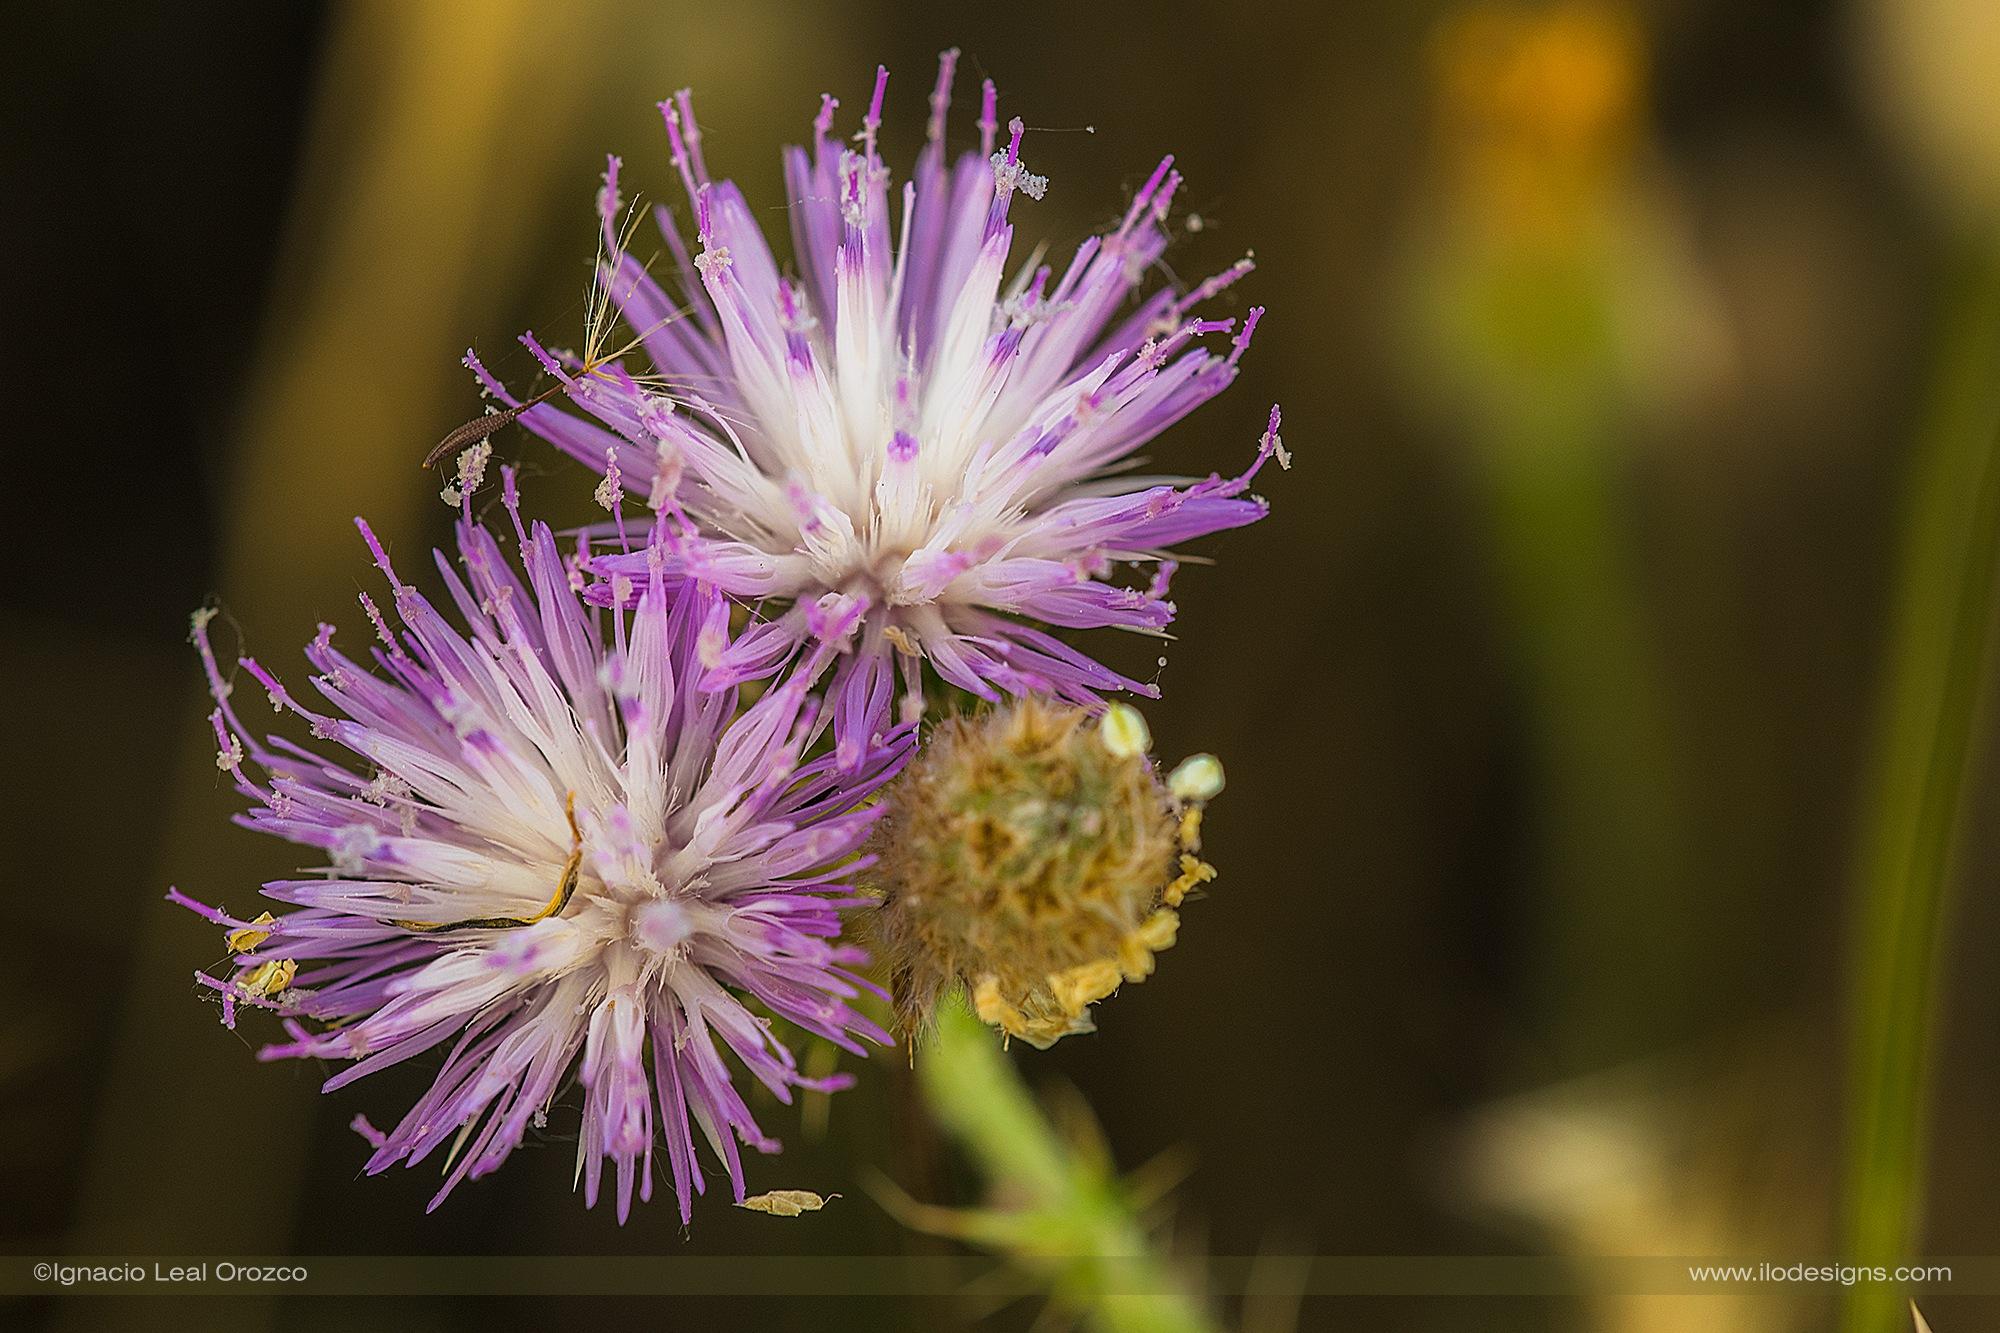 Purple and white by Ignacio Leal Orozco